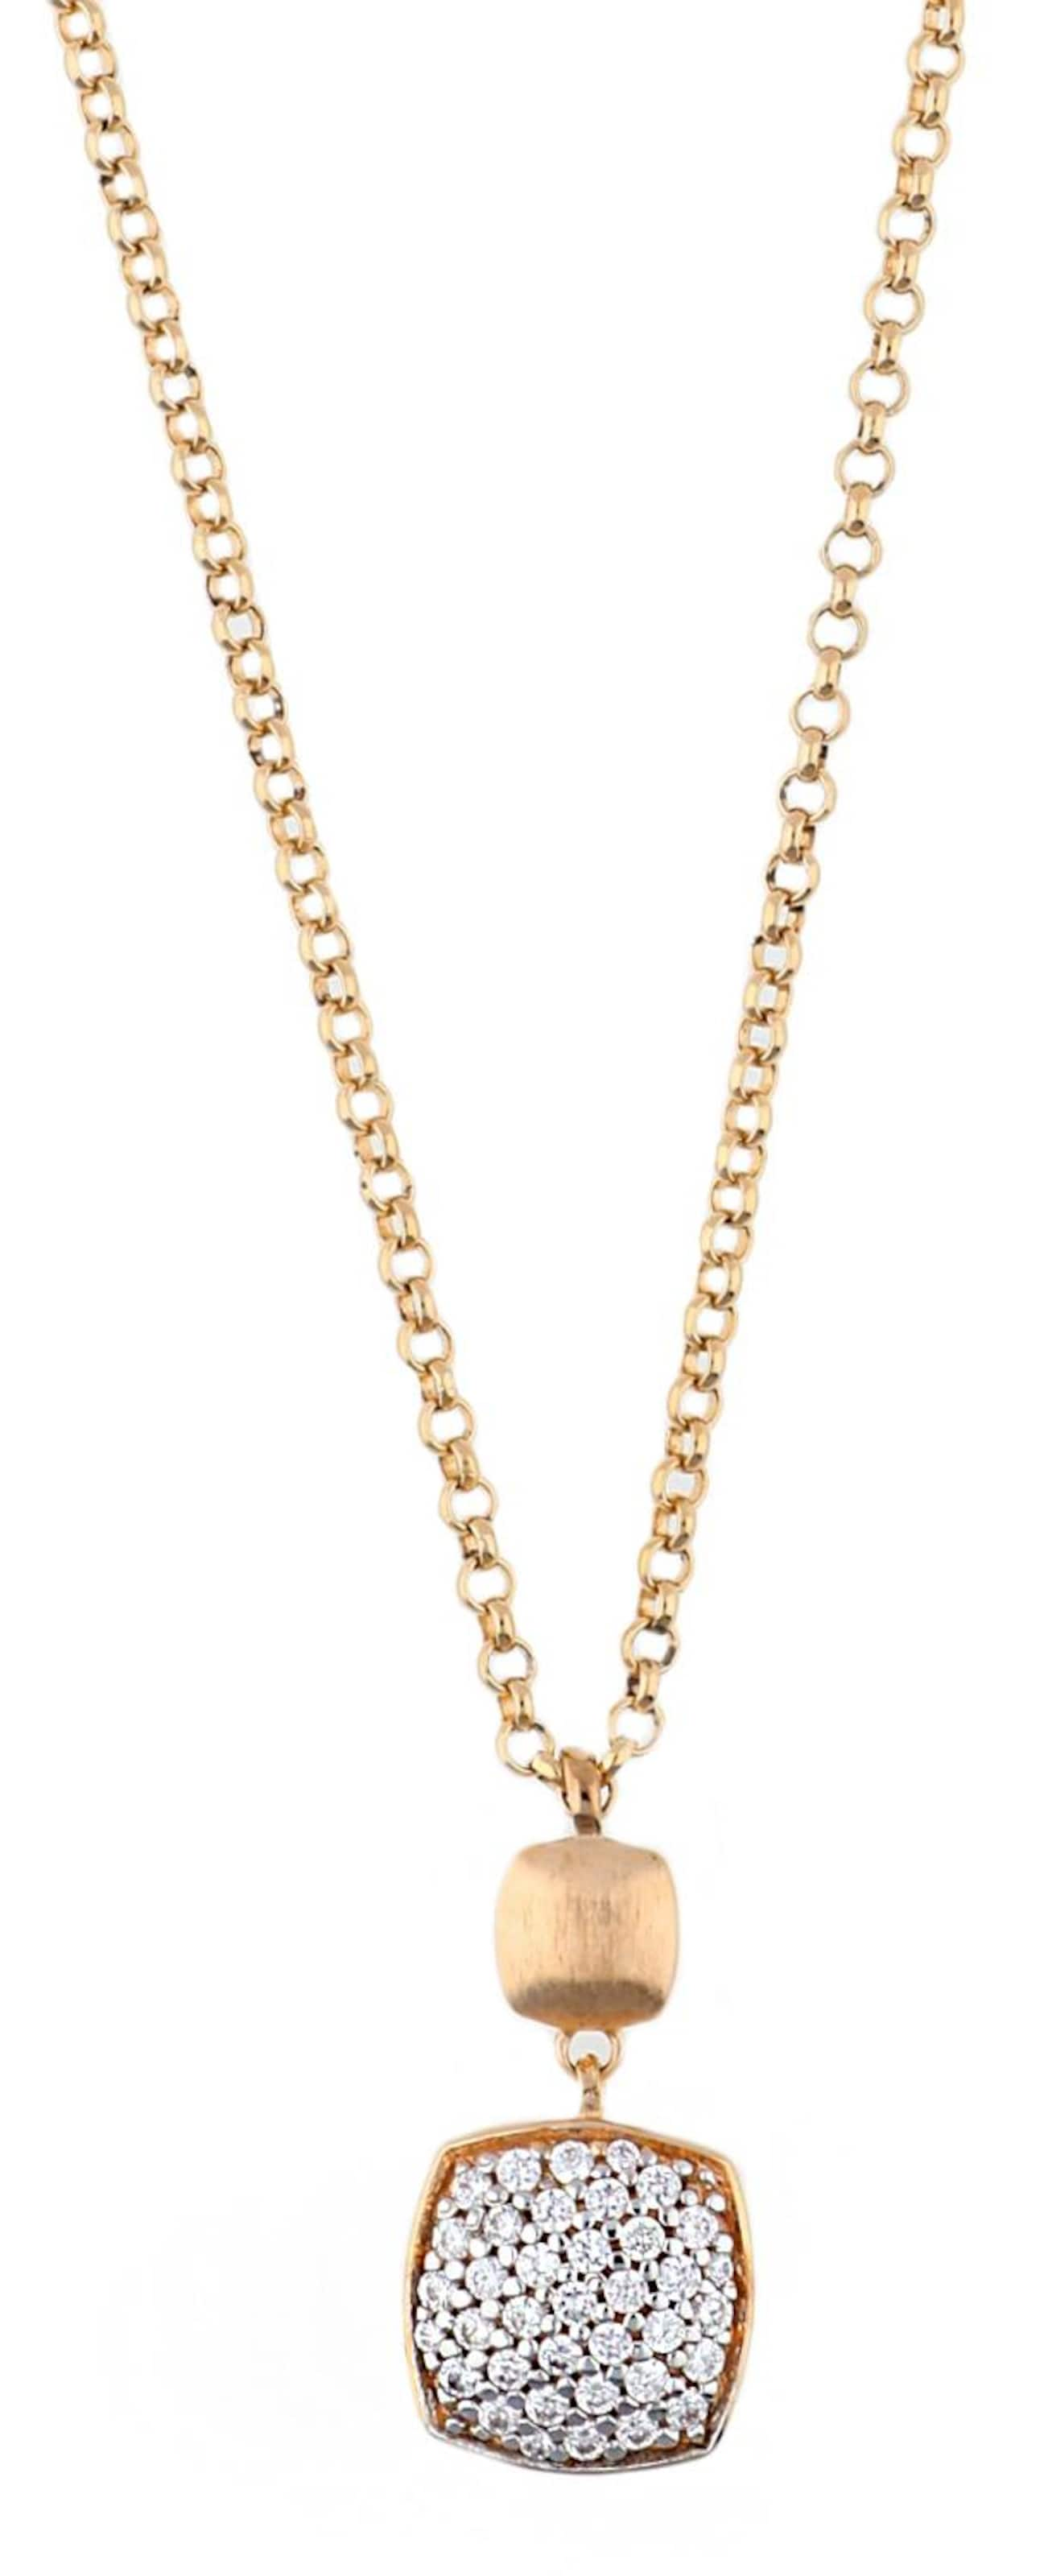 ESPRIT Halskette Antigone mit eckigem Zirkonia-Anhänger Abschlagen Günstig Kaufen 2018 0yze9H